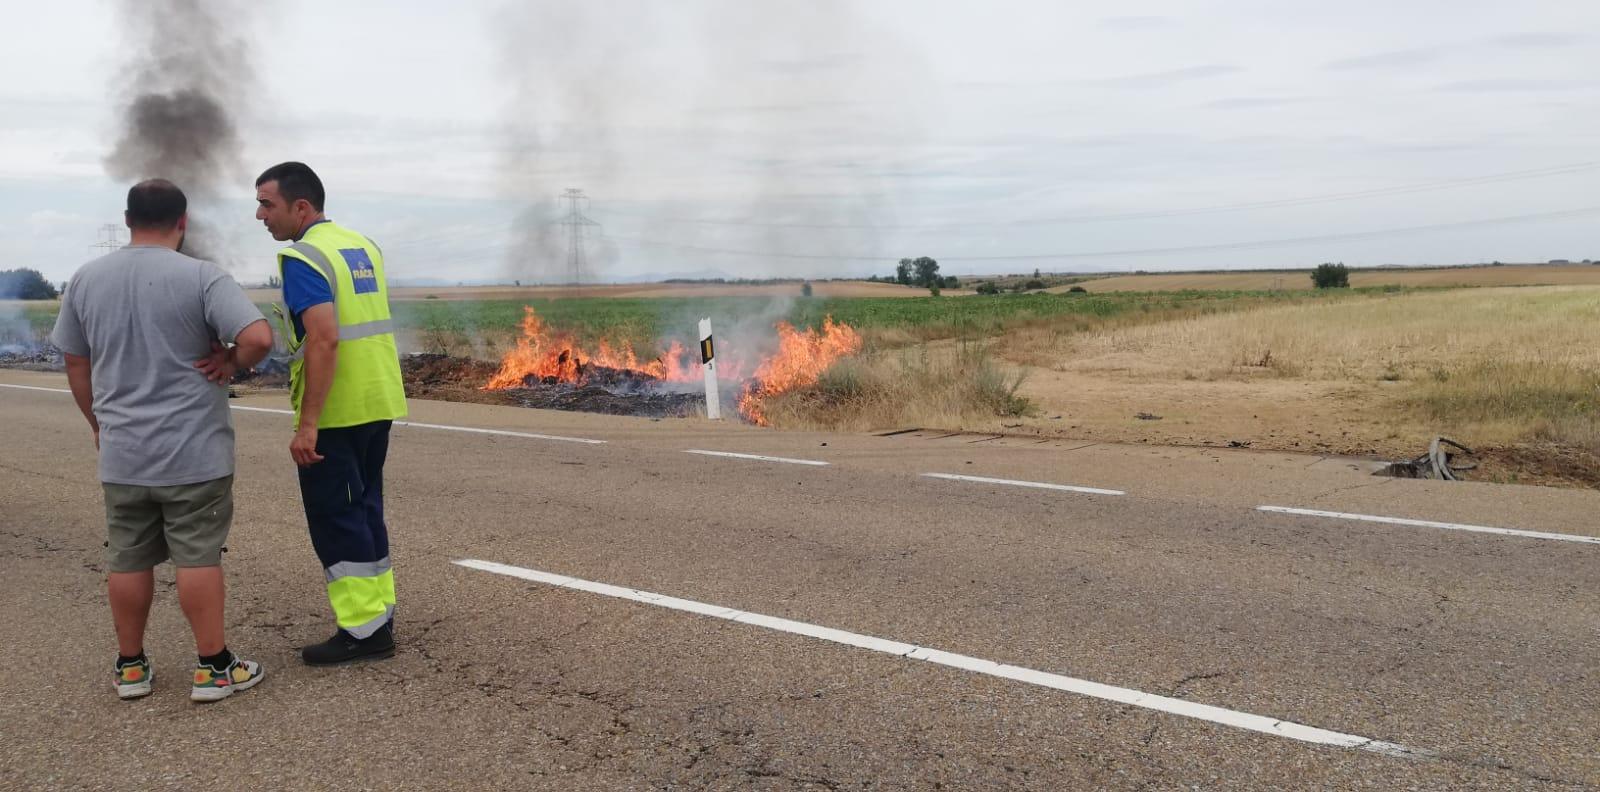 El fuego devora un vehículo tras una salida de vía en la N-601 y su conductor resultado herido